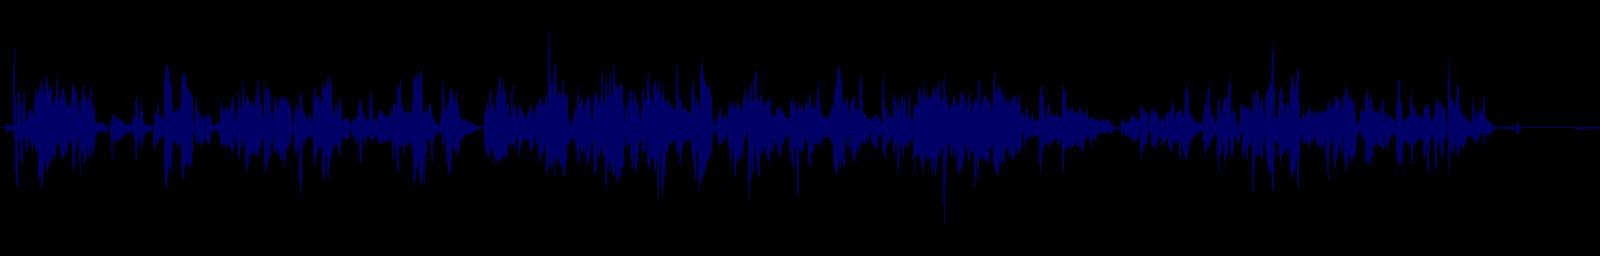 waveform of track #144431